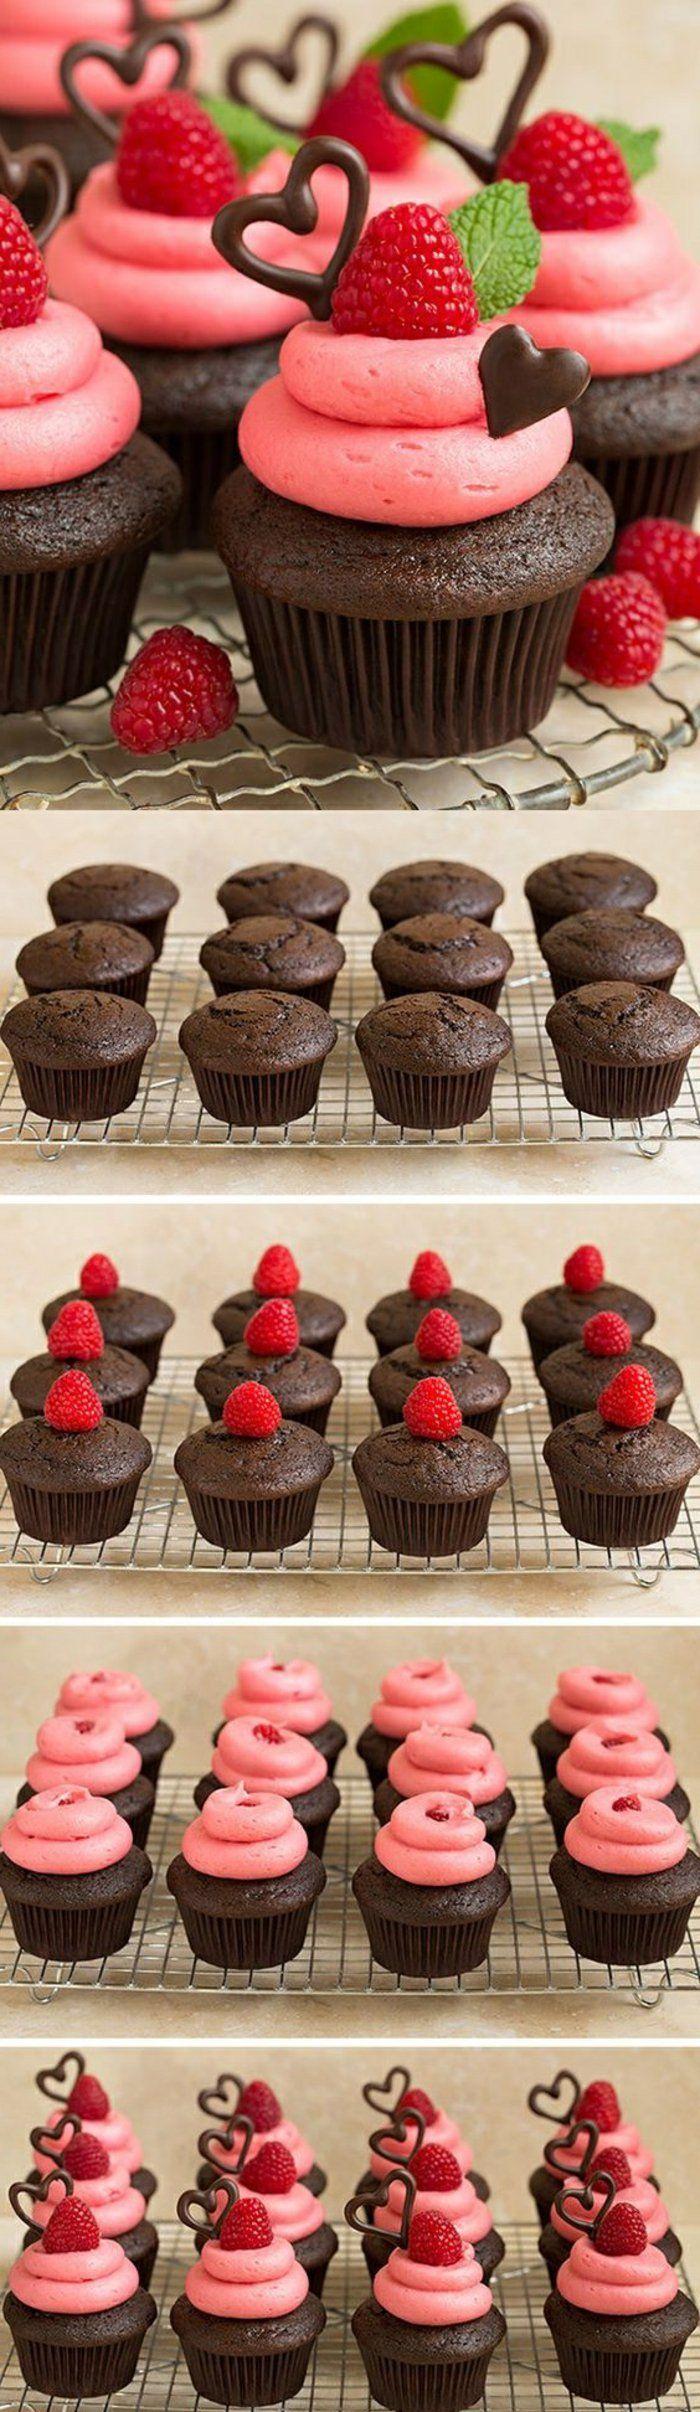 cupcakes décorés de coeurs de fraises, menthe poivrée et chocolat   – Essen